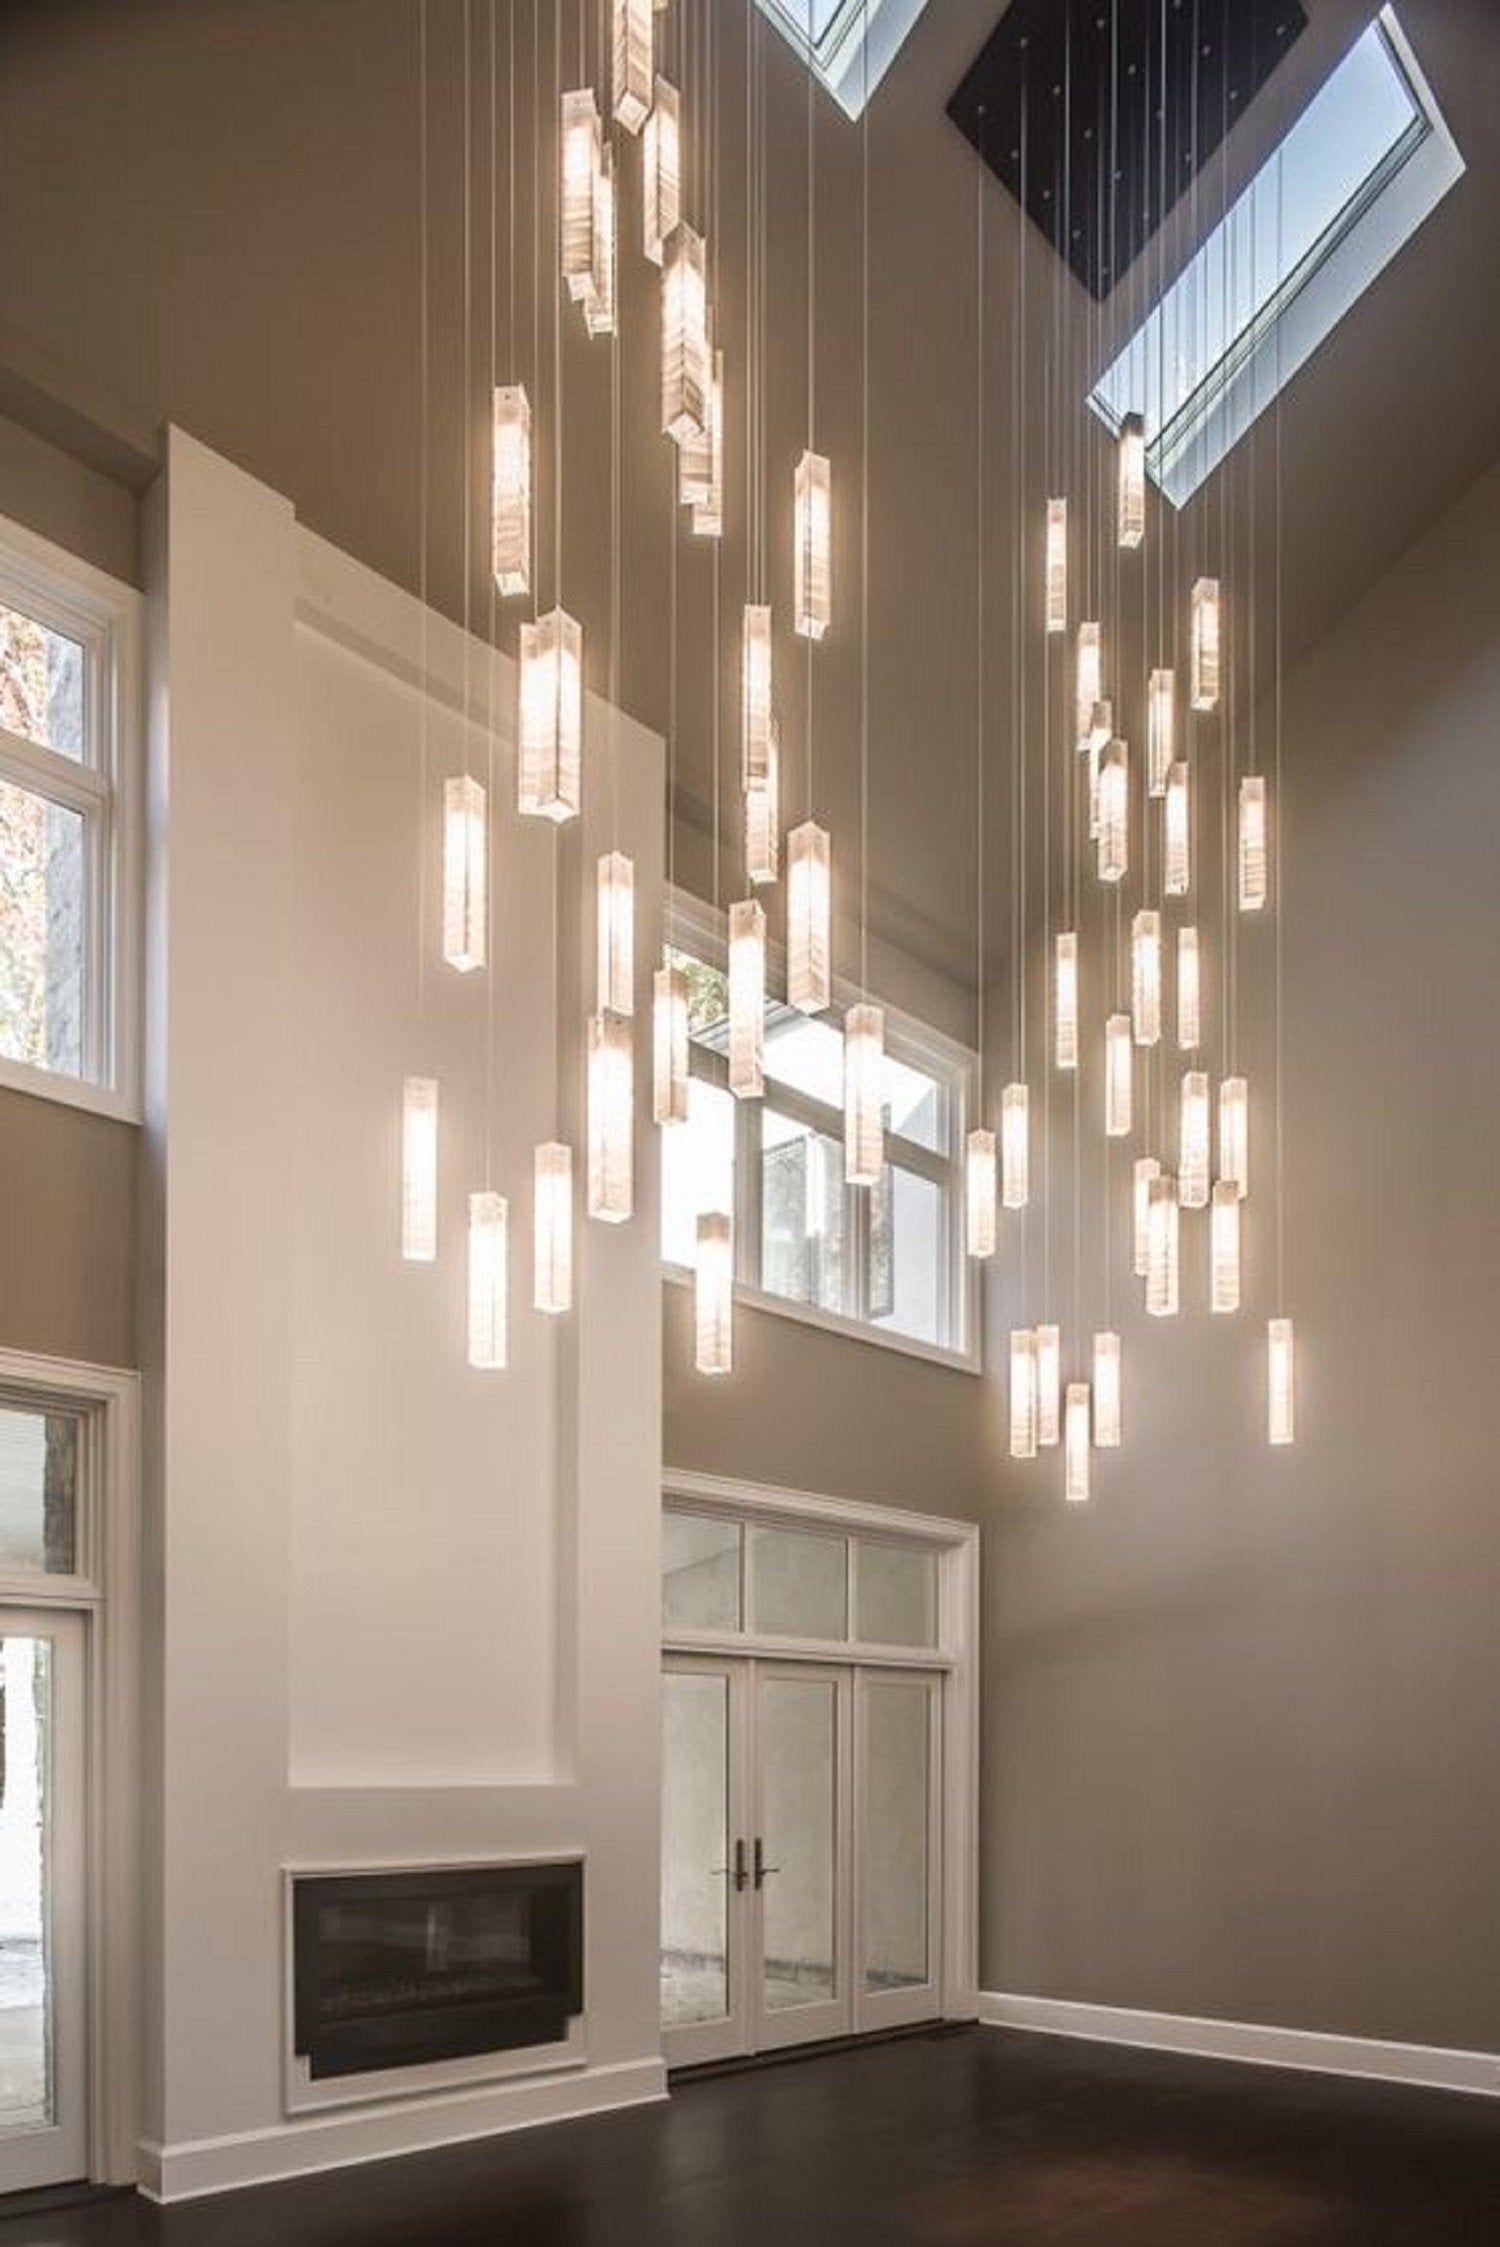 Contemporary Light Fixture For Living Room Large Chandelier Etsy In 2020 Contemporary Light Fixtures Contemporary Lighting Contemporary Chandelier